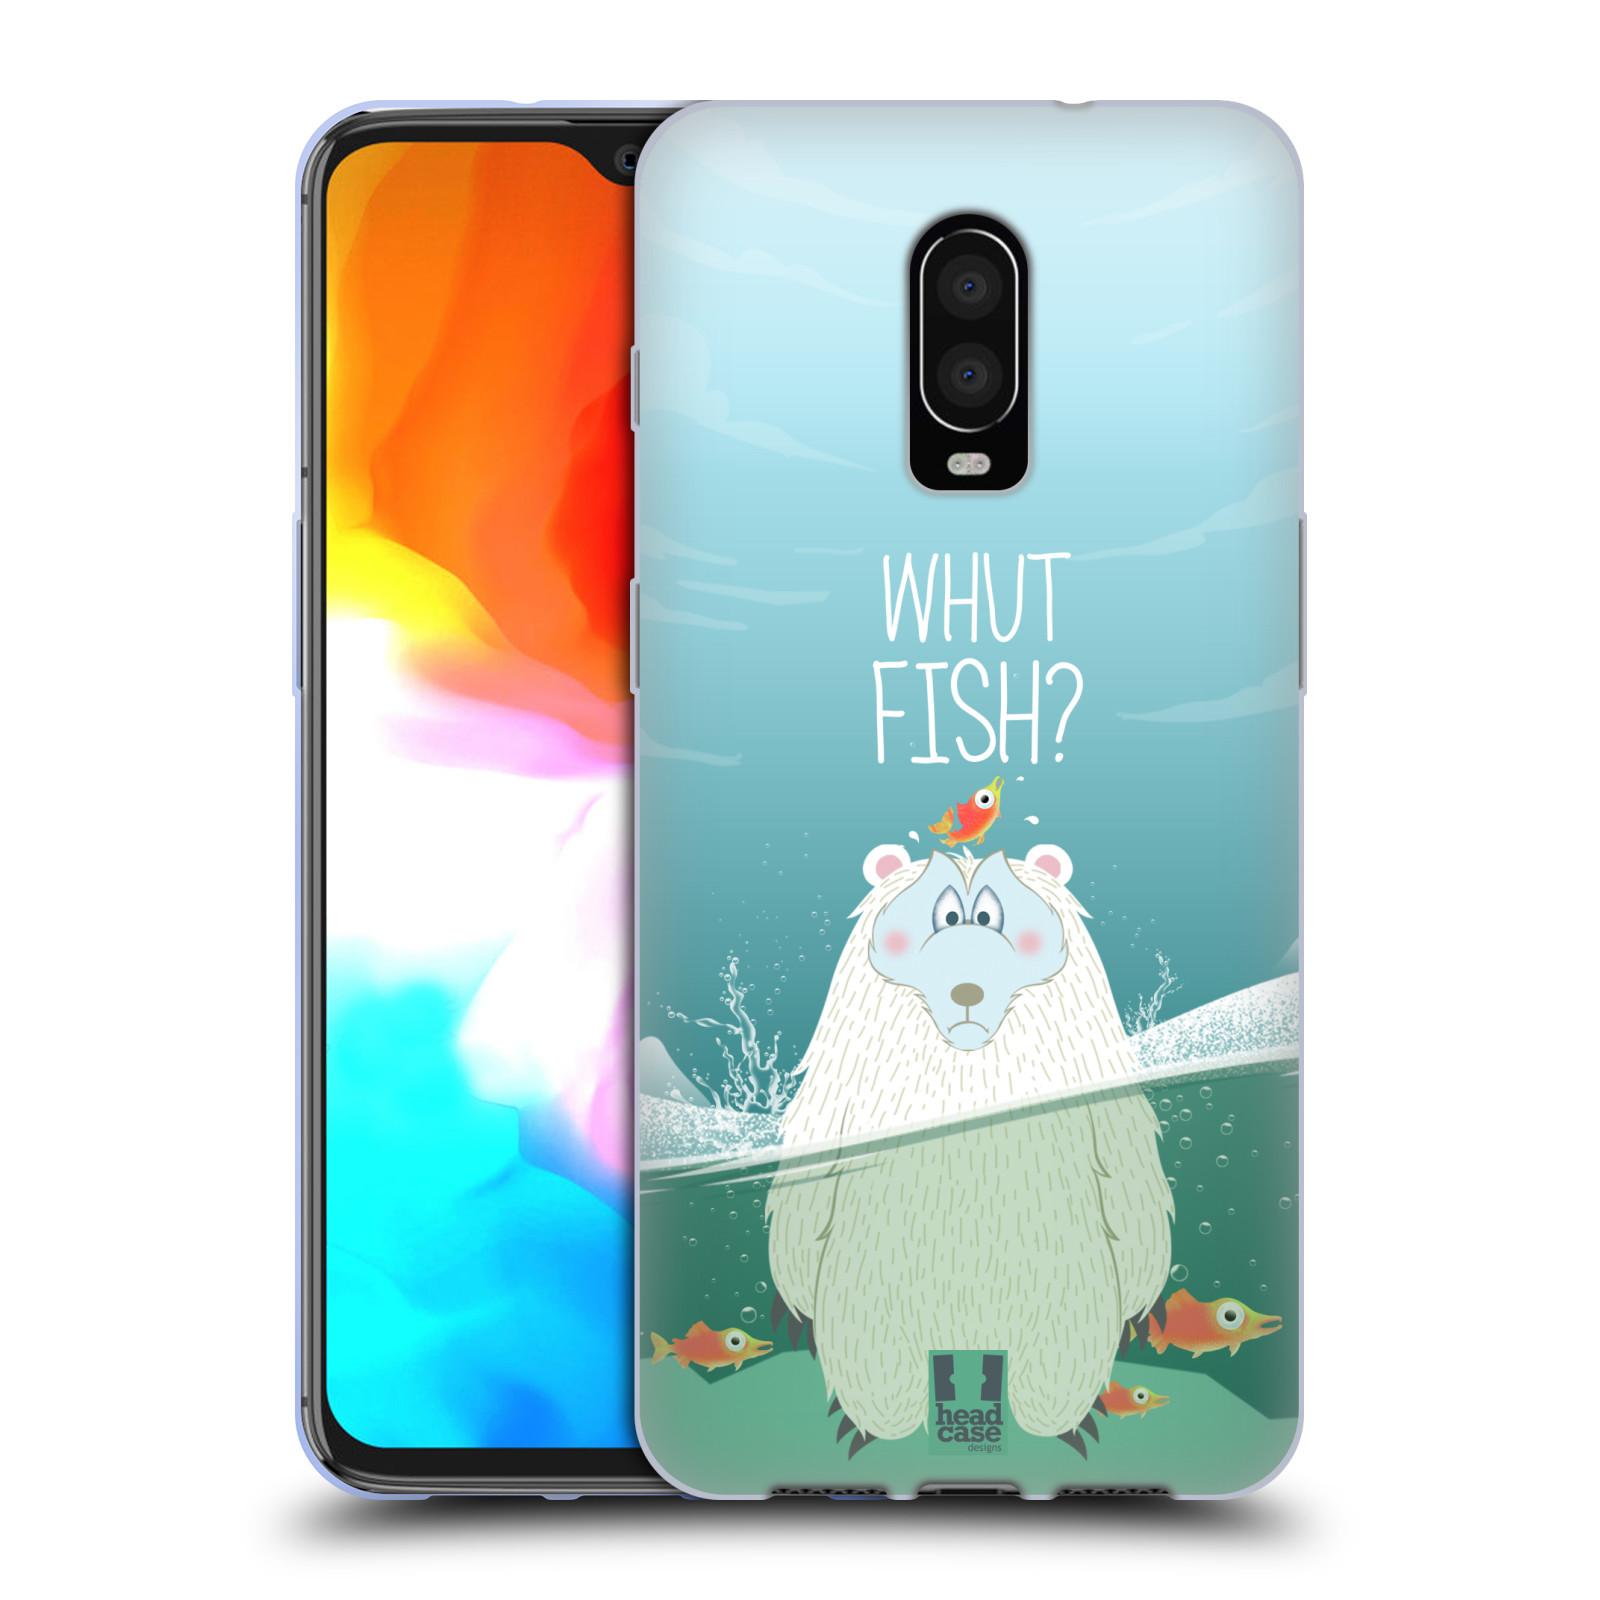 Silikonové pouzdro na mobil OnePlus 6T - Head Case - Medvěd Whut Fish?